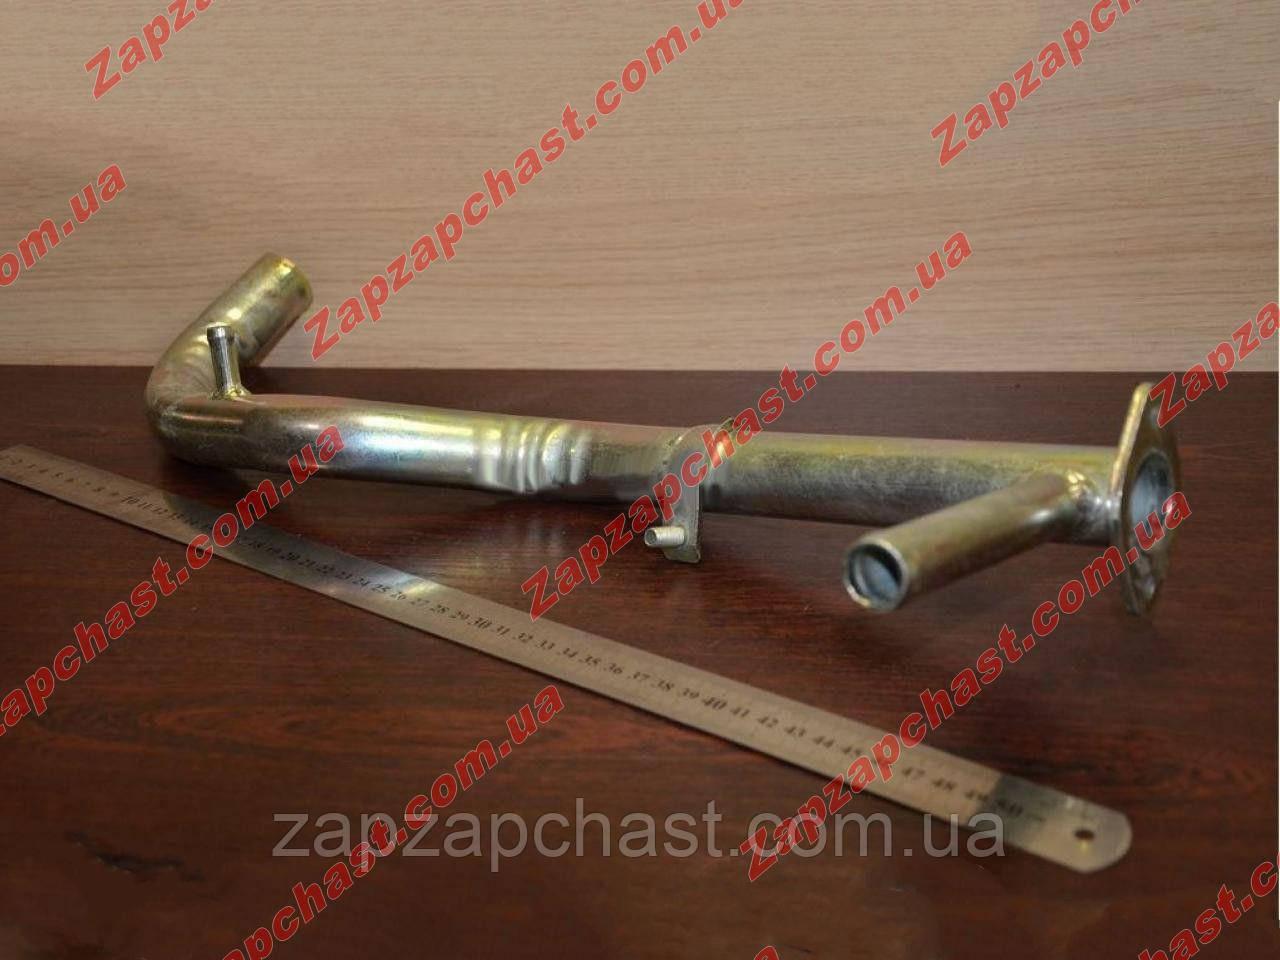 Трубка помпы (саксафон) Ваз 2108 2109 21099, производство Харьков ЖЕЛТАЯ